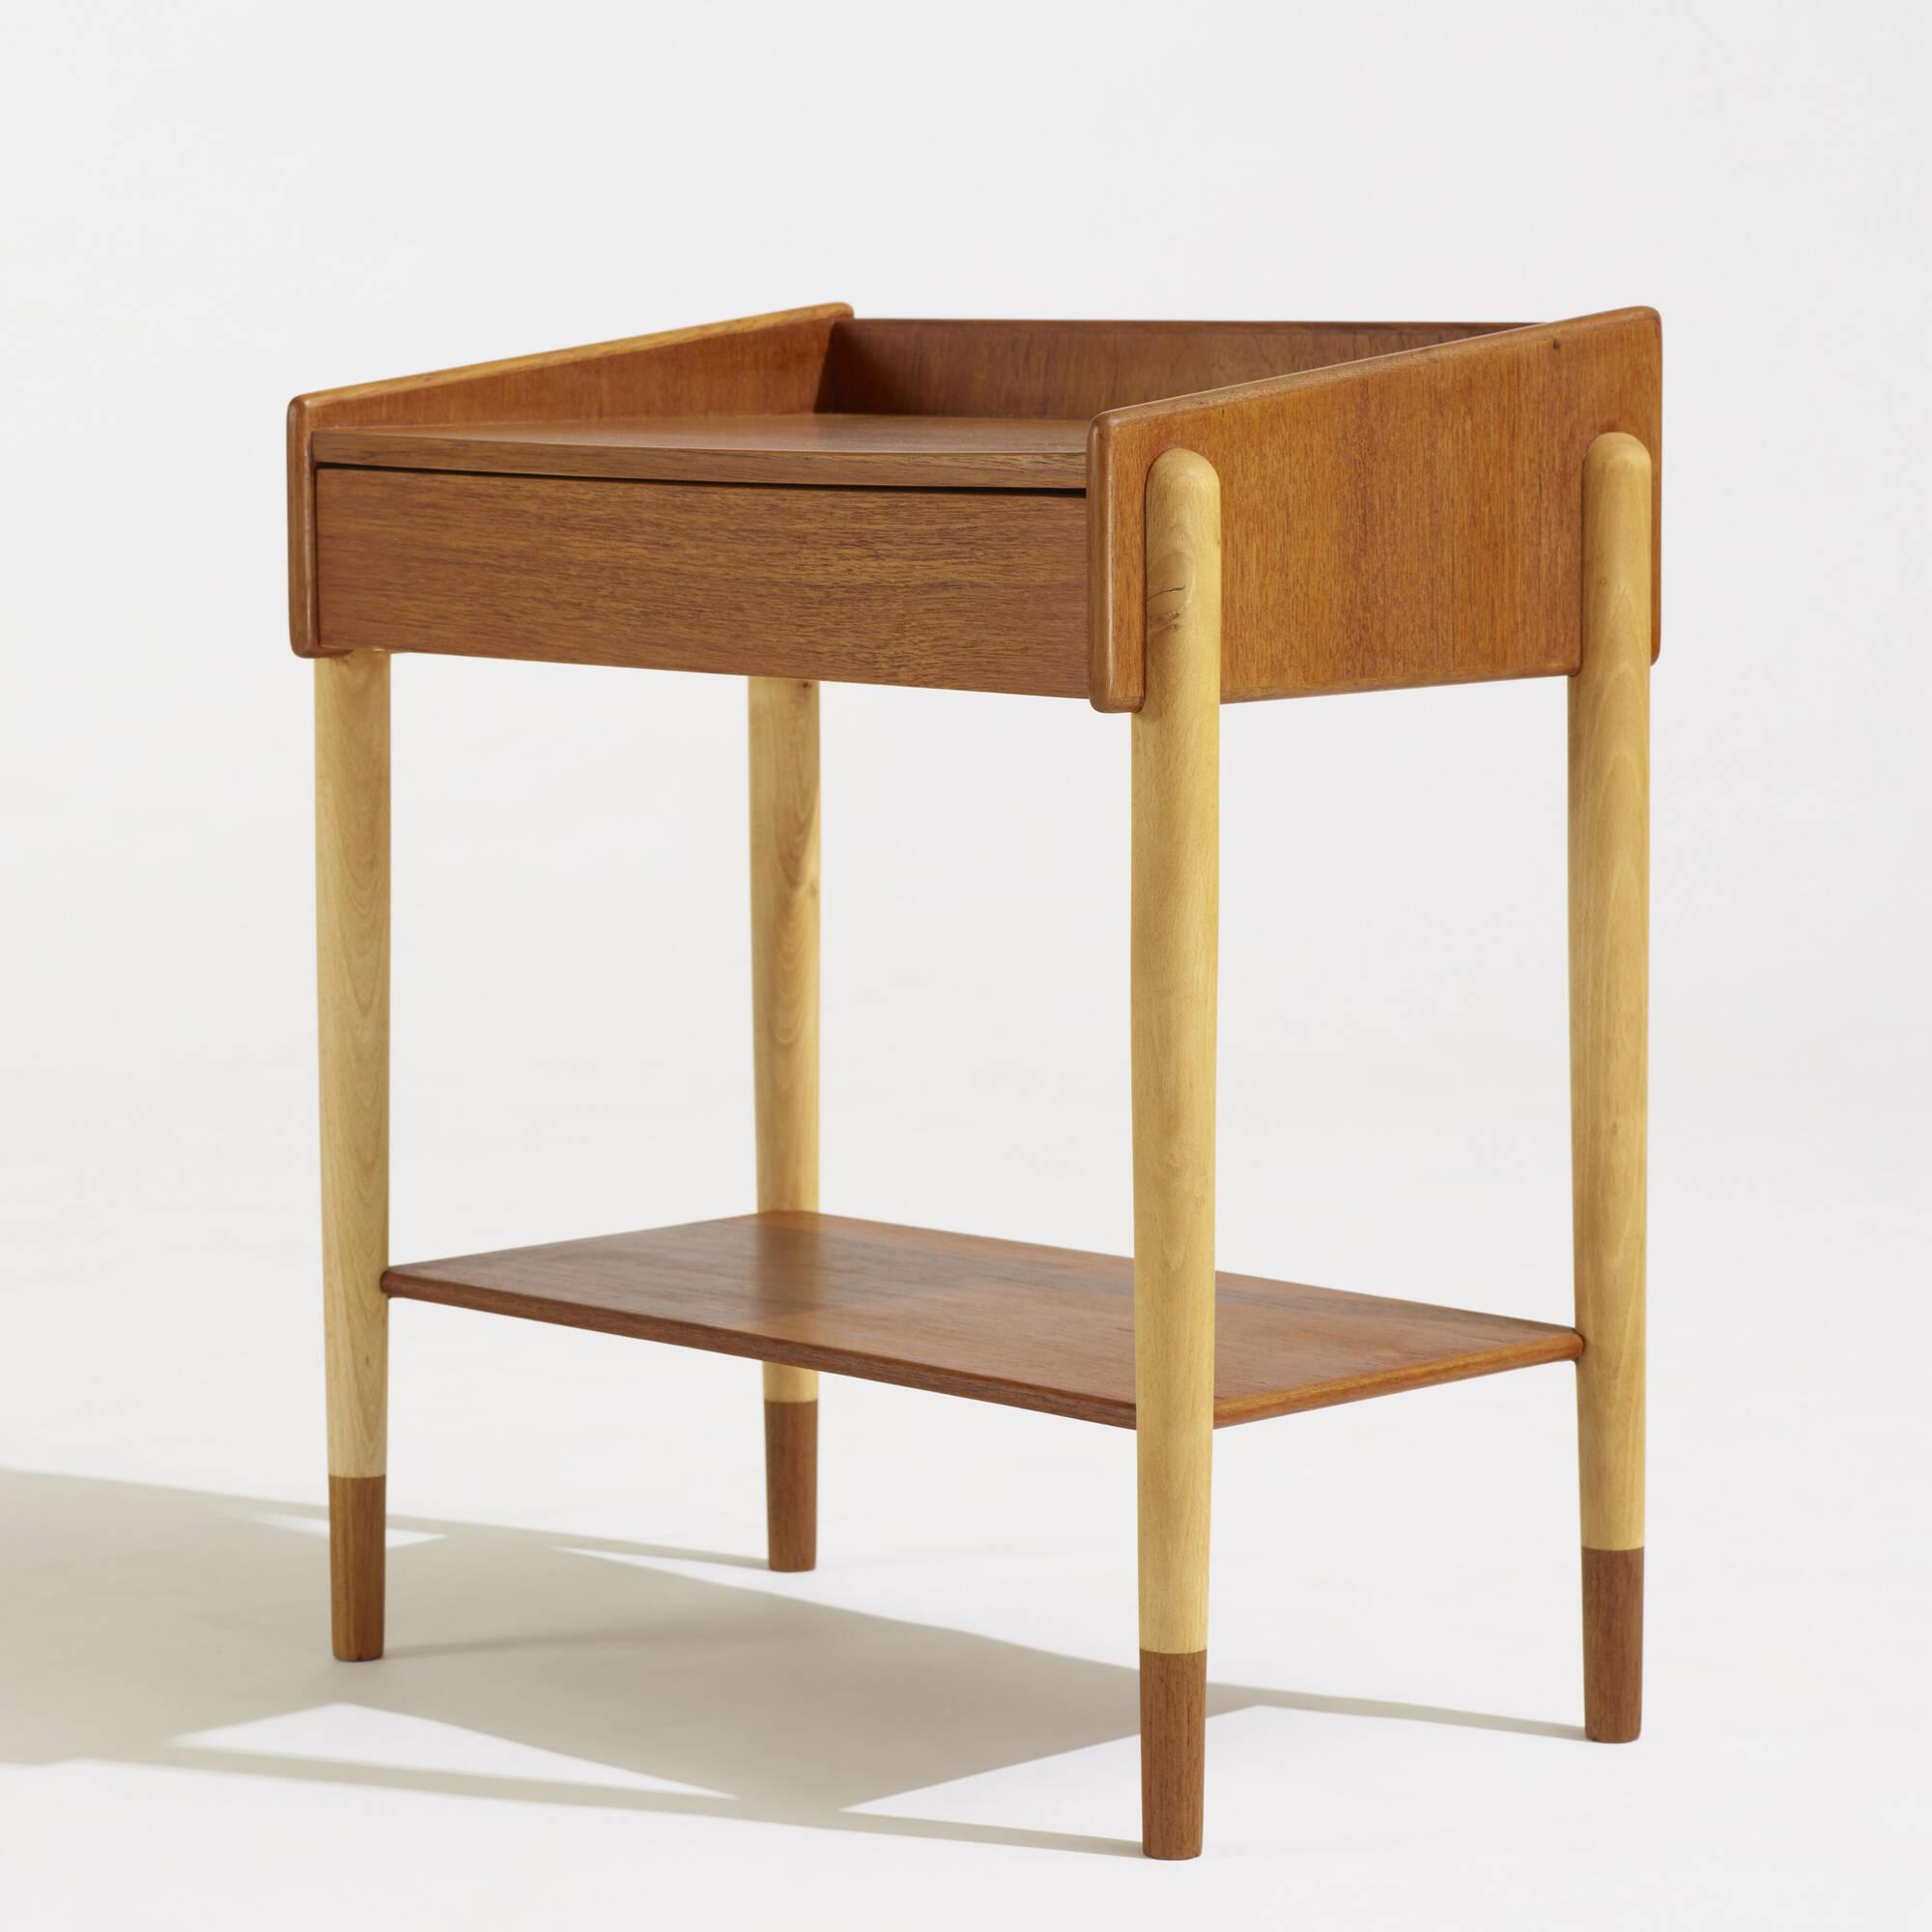 612: Børge Mogensen / nightstands model 148, pair (2 of 2)